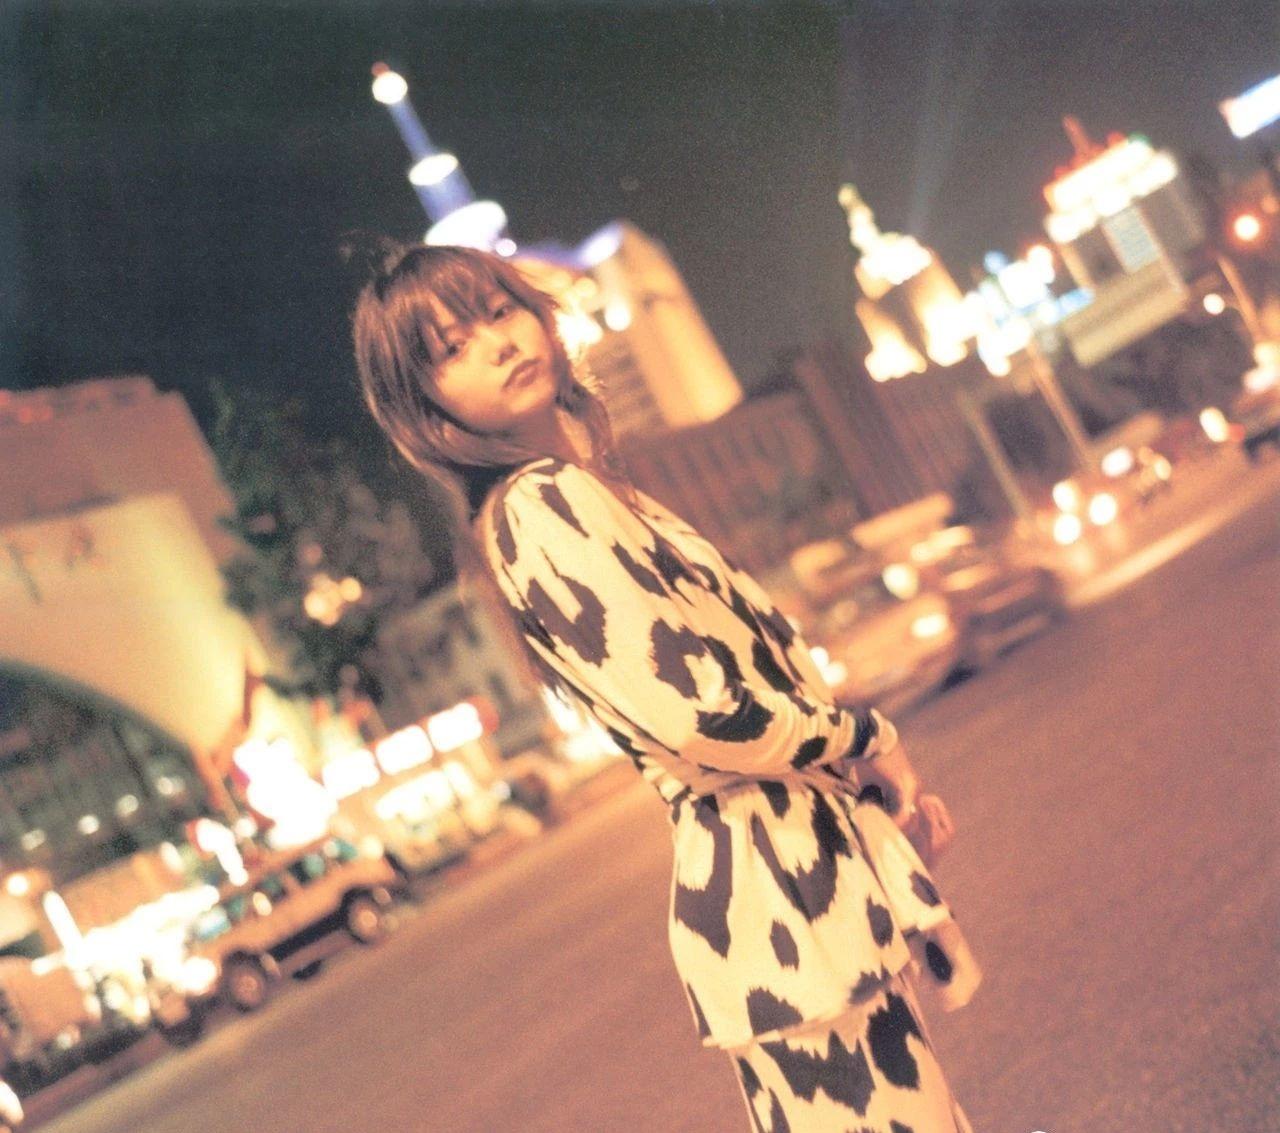 纯真脱俗的森系女神宫崎葵写真作品 (59)